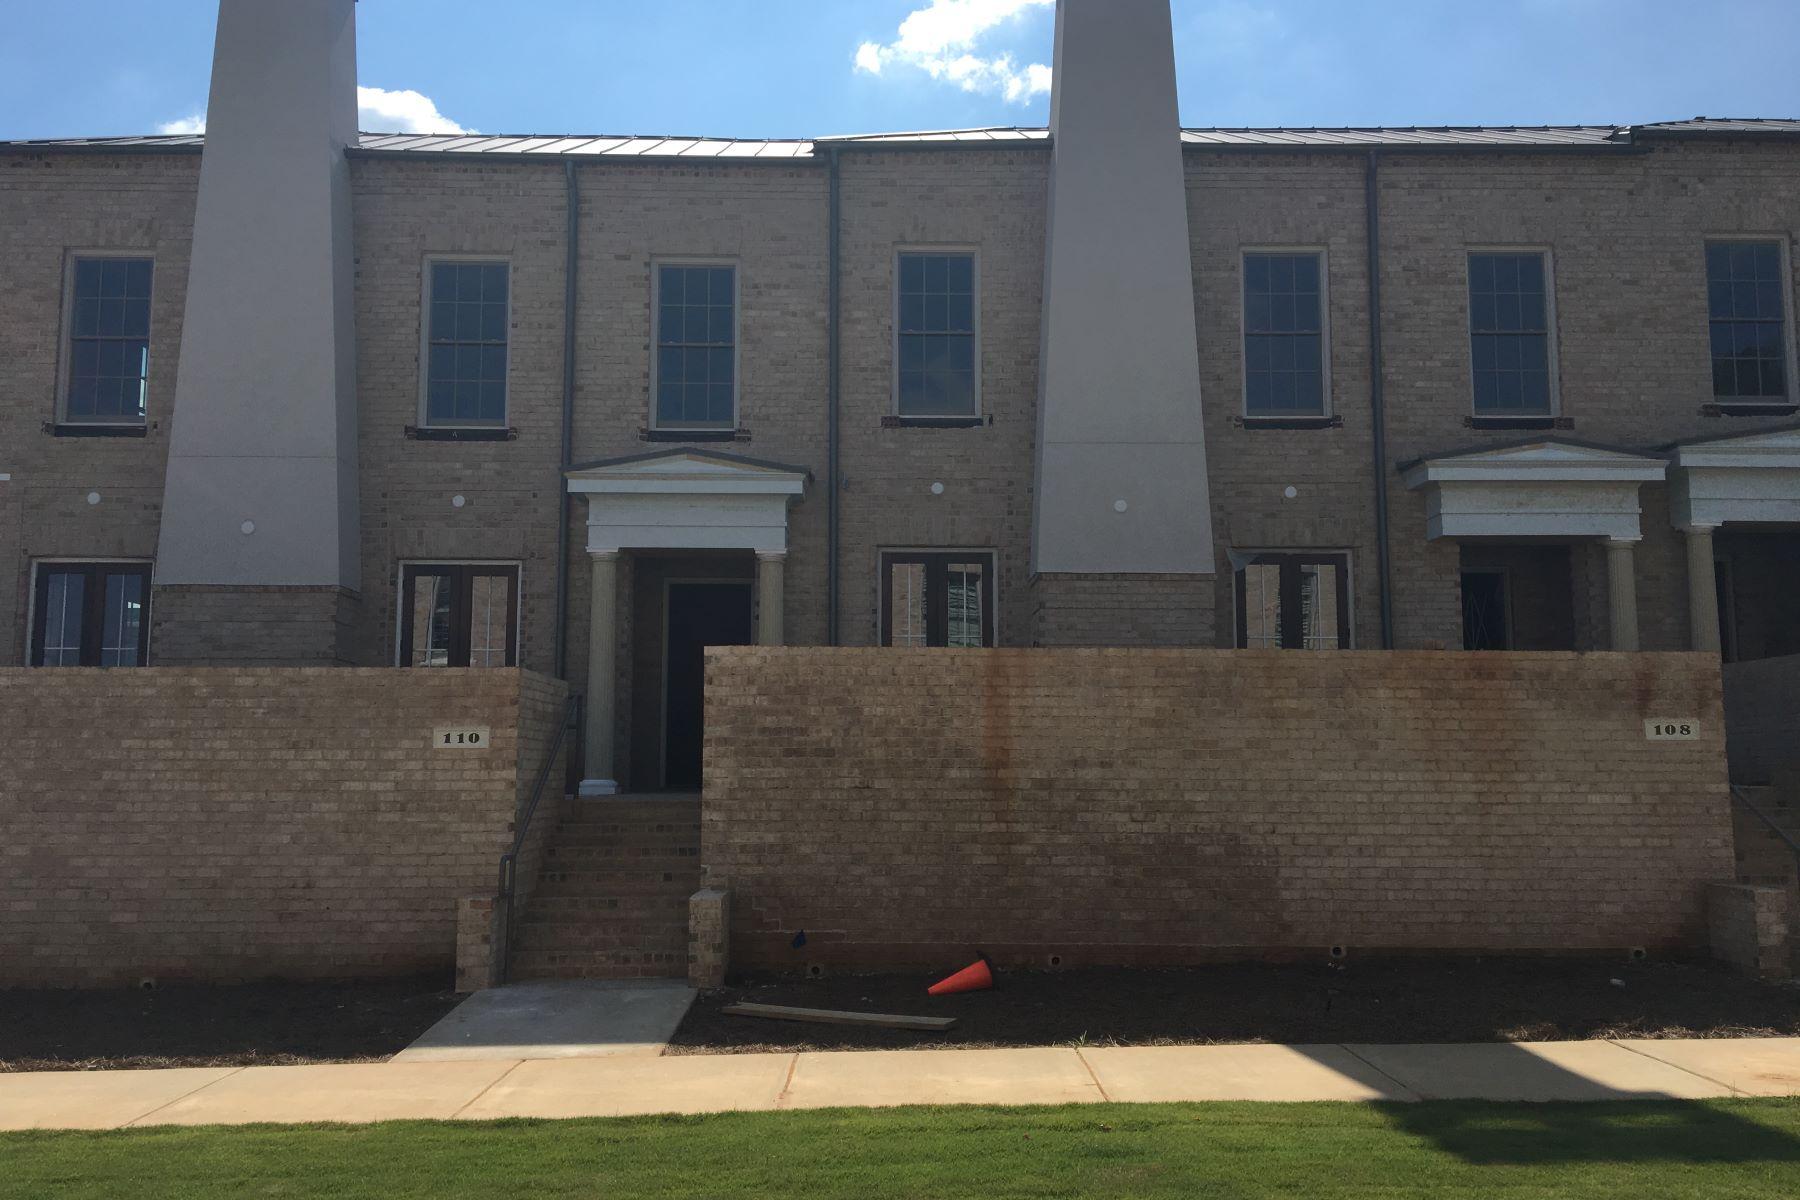 Villetta a schiera per Vendita alle ore Sought After Manning Floor Plan at Avalon 144 Grand Crescent No. 36 Alpharetta, Georgia, 30009 Stati Uniti